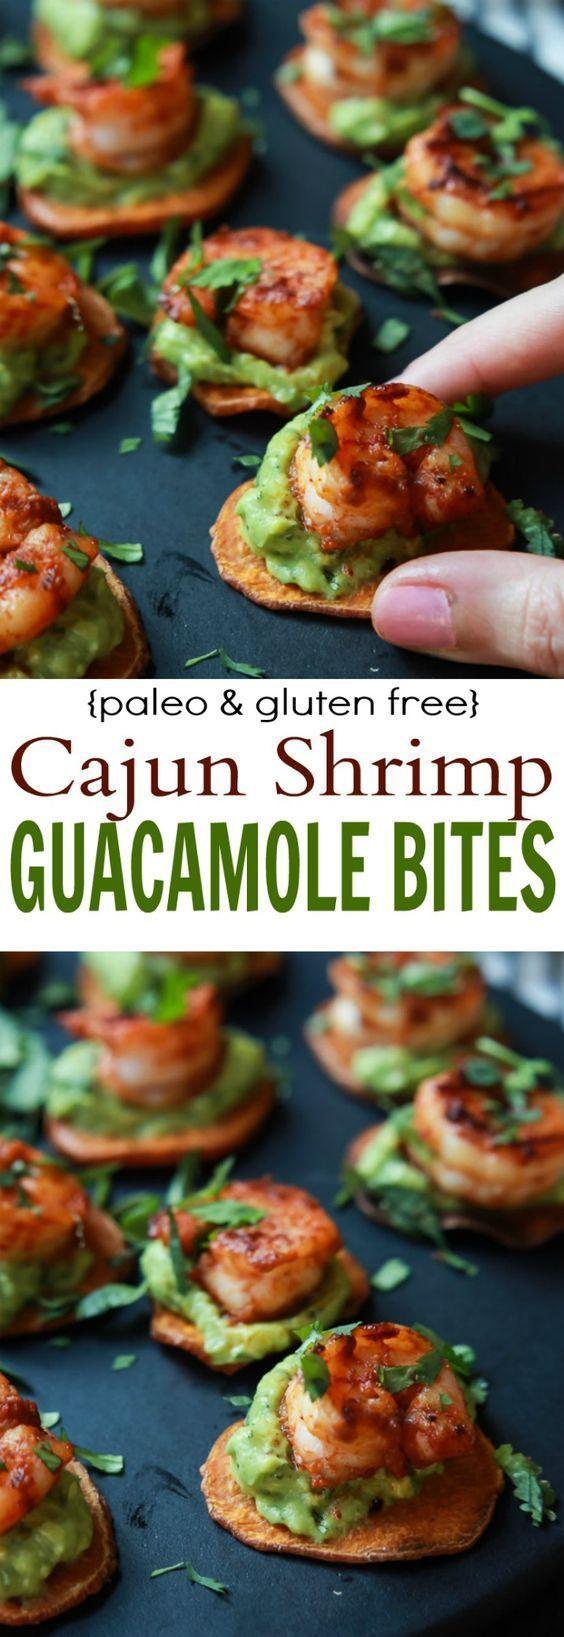 Düğün - Cajun Shrimp Guacamole Bites